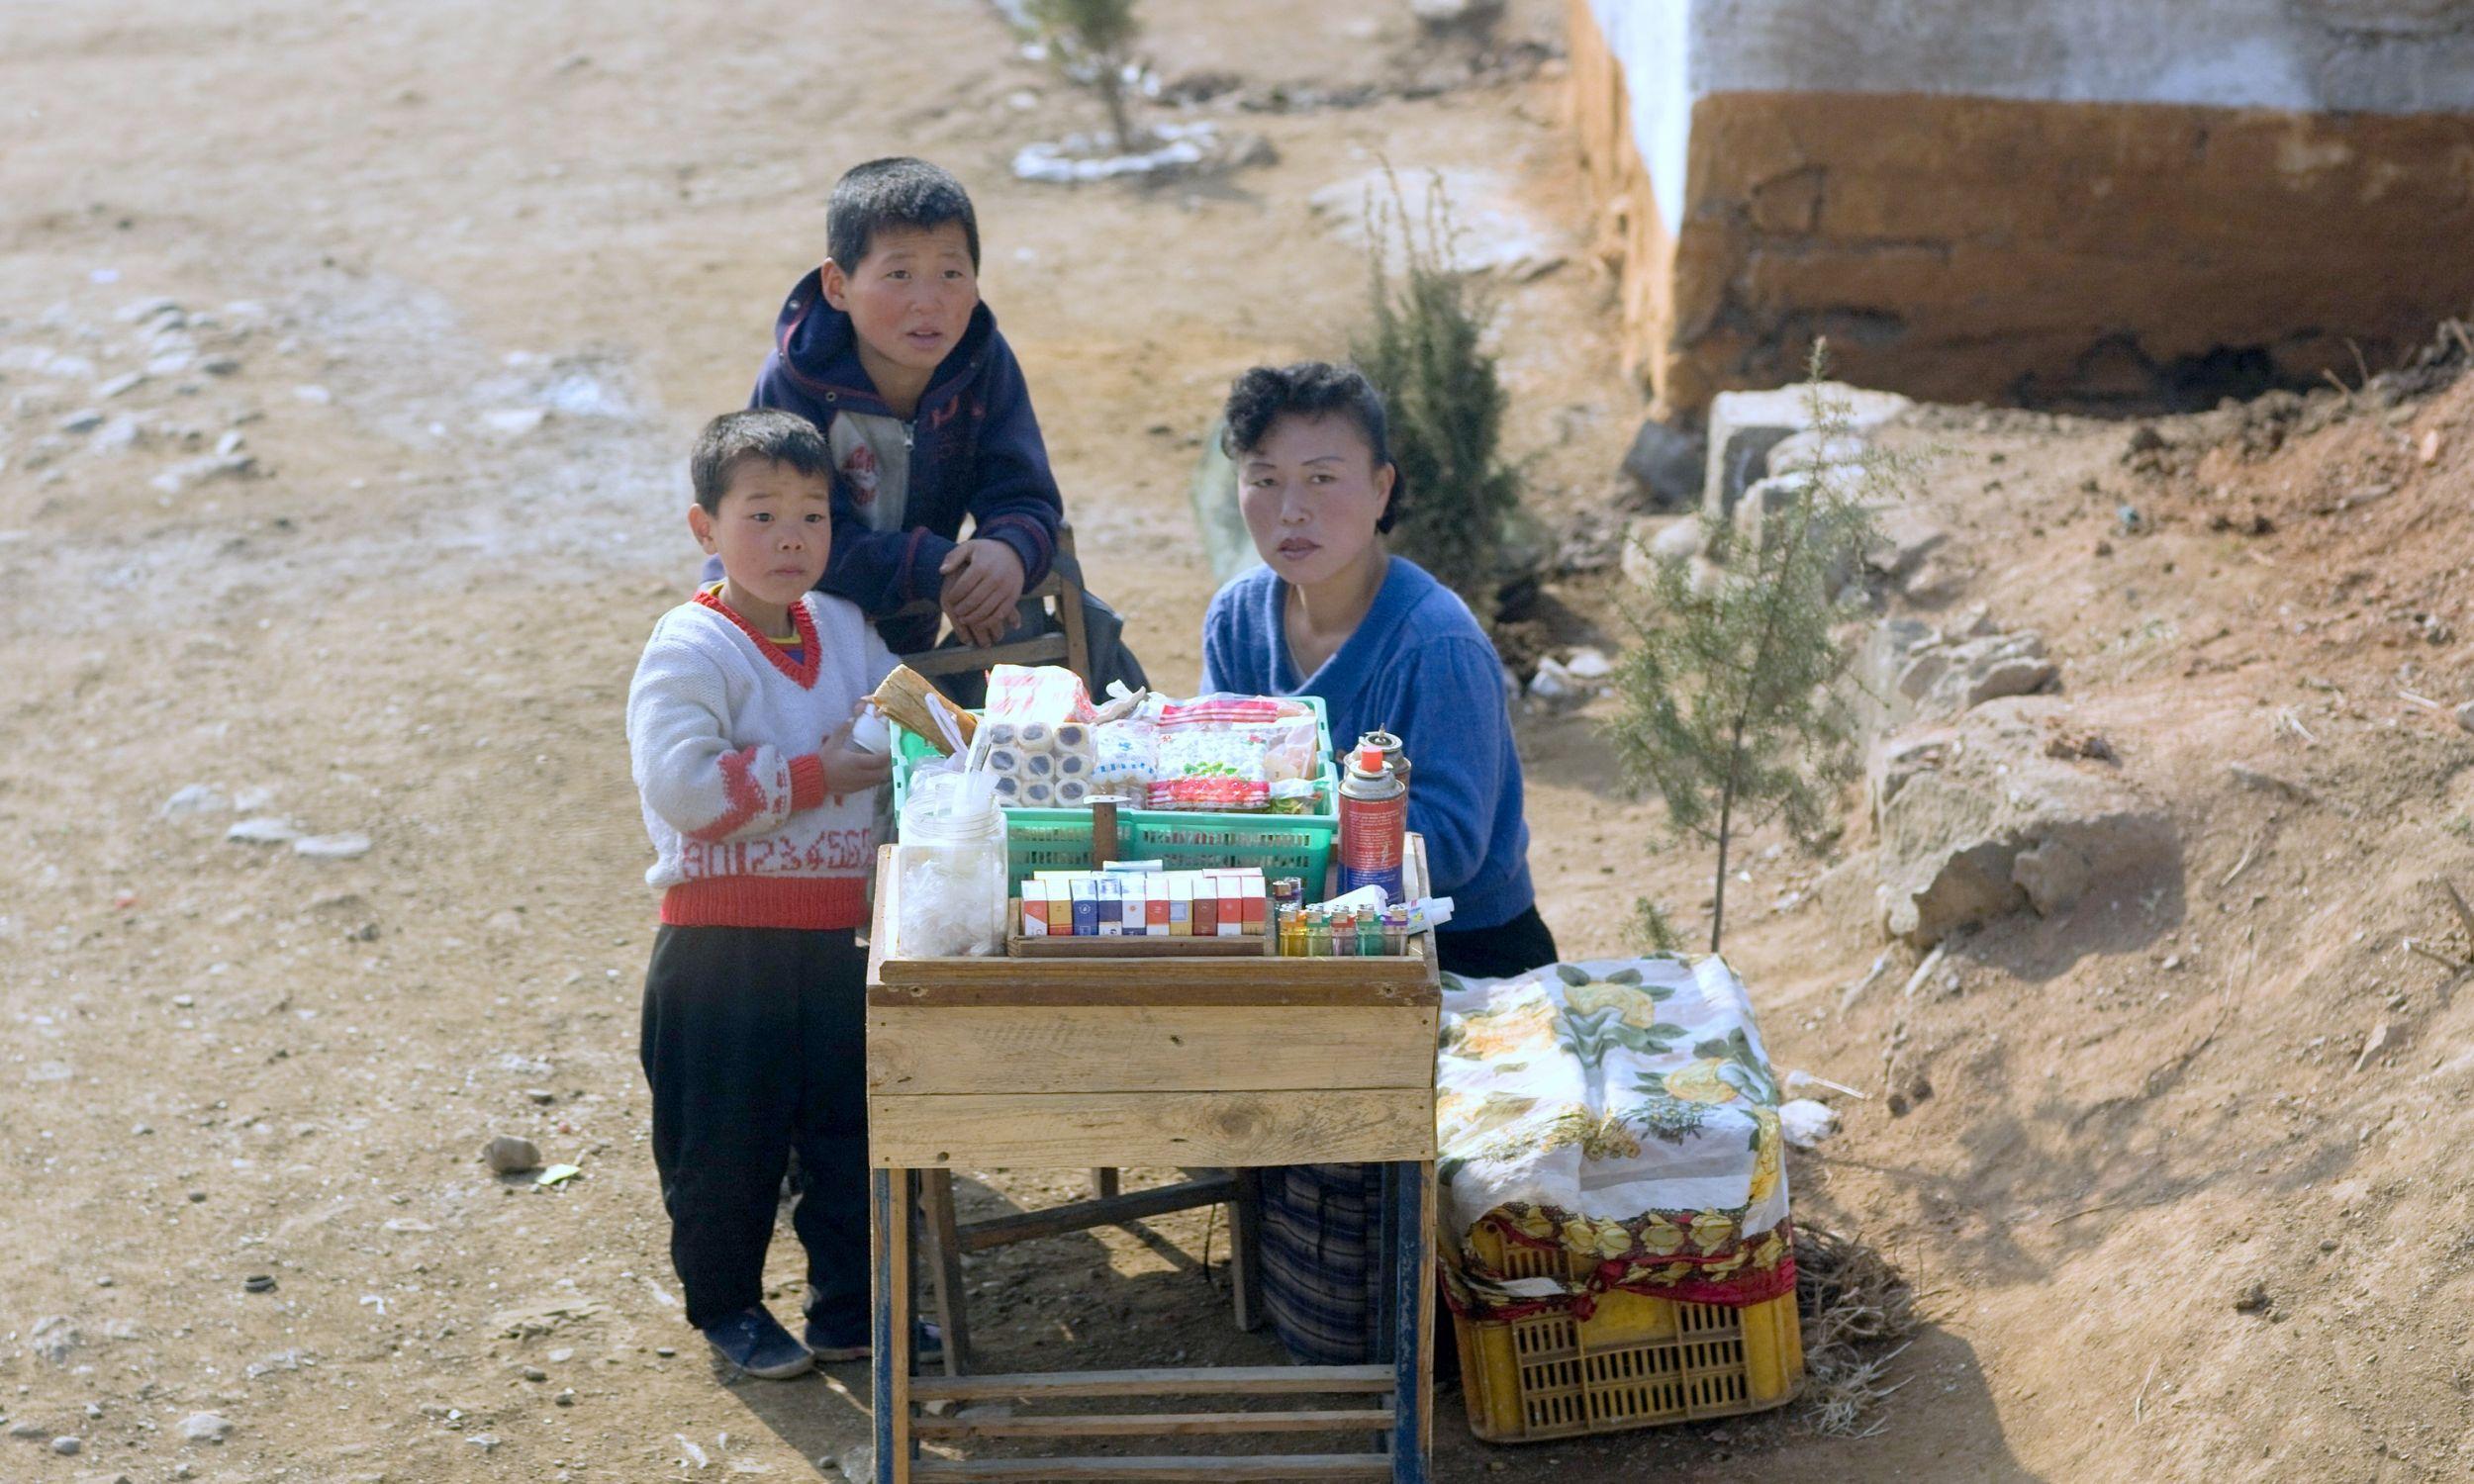 Nampo, Korea Północna. Kobieta z Korei Północnej z dziećmi sprzedają żywność i papierosy wzdłuż drogi na wsi, w południowej prowincji Phenianu. Fot. Eric Lafforgue / Art In All Of Us / Corbis via Getty Images